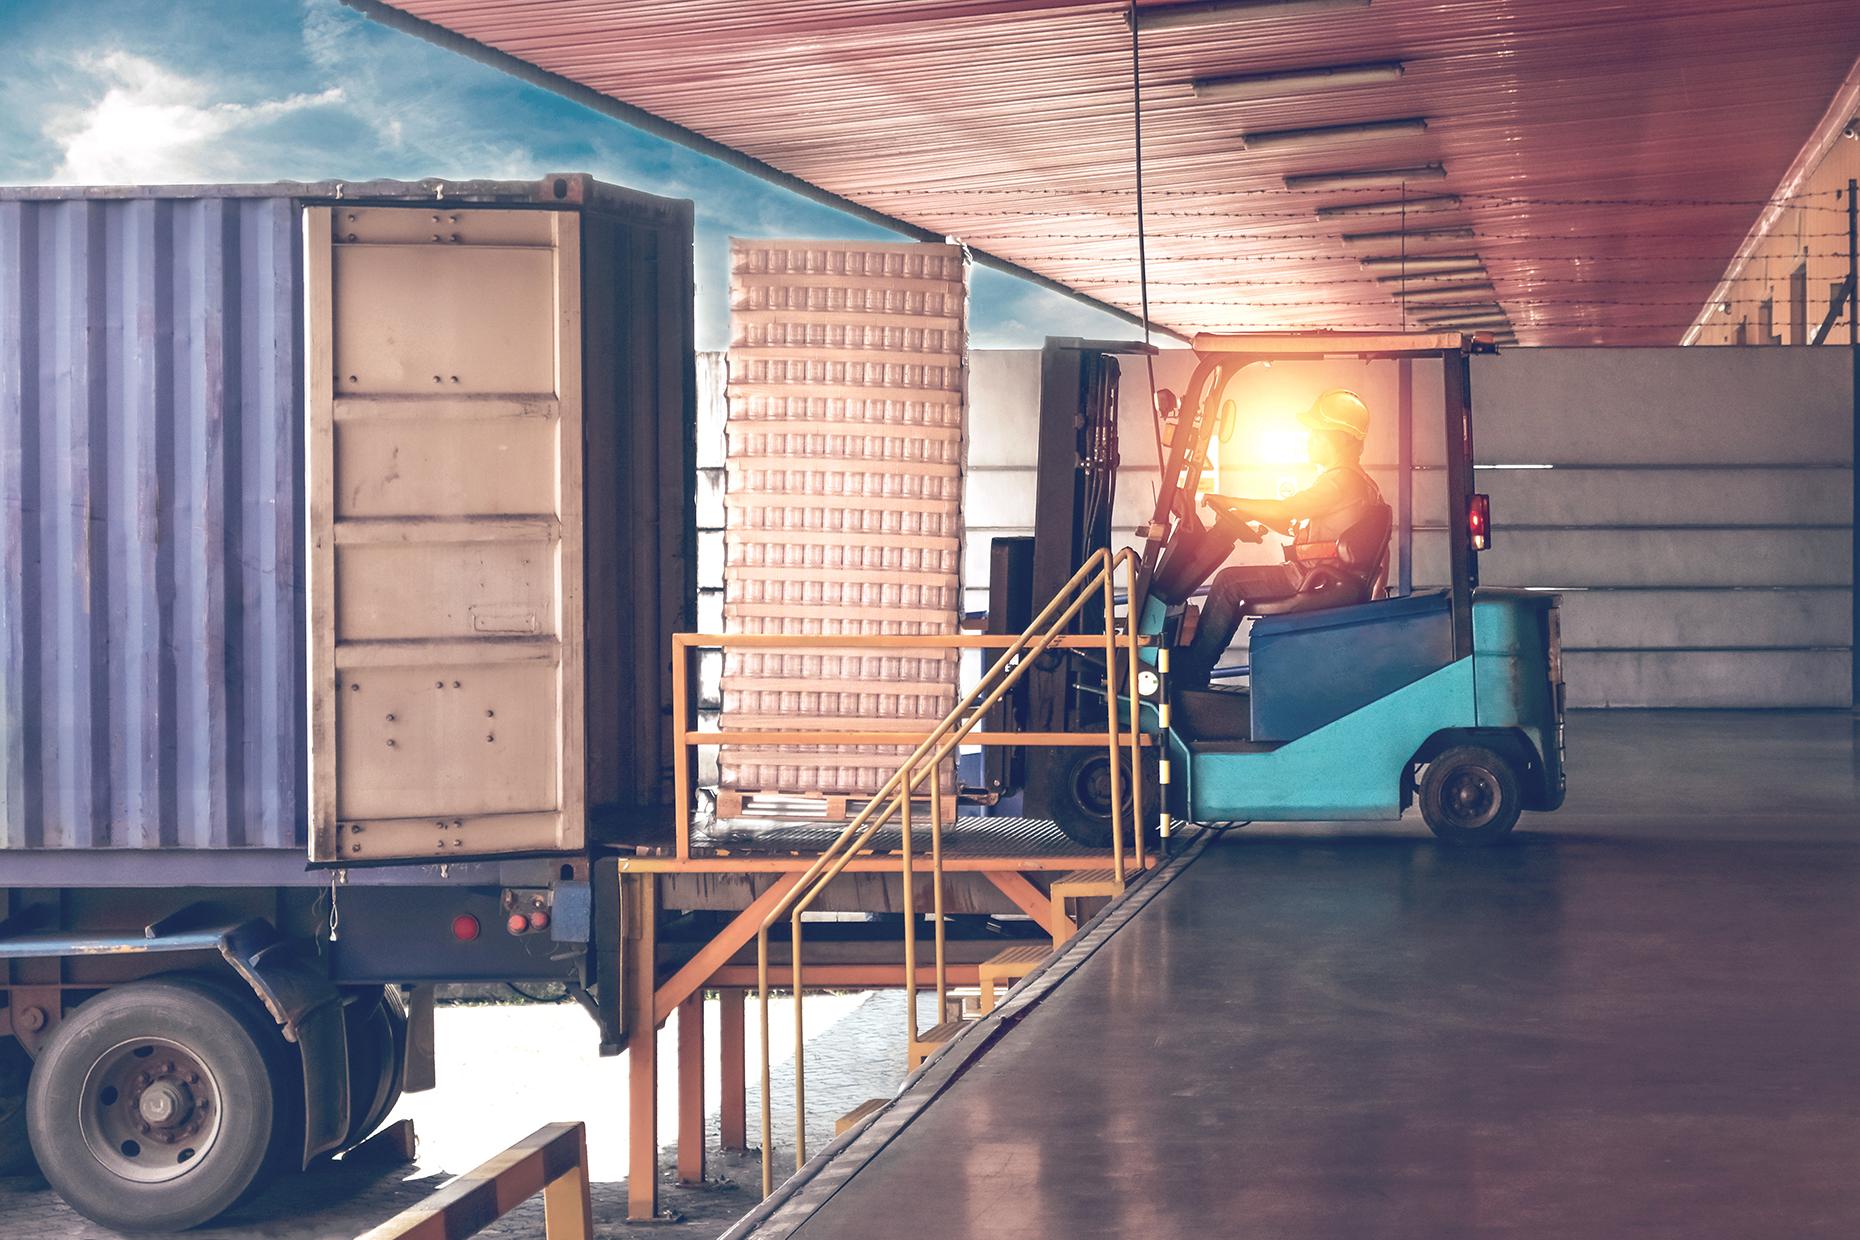 Forklift loading Semi truck trailer